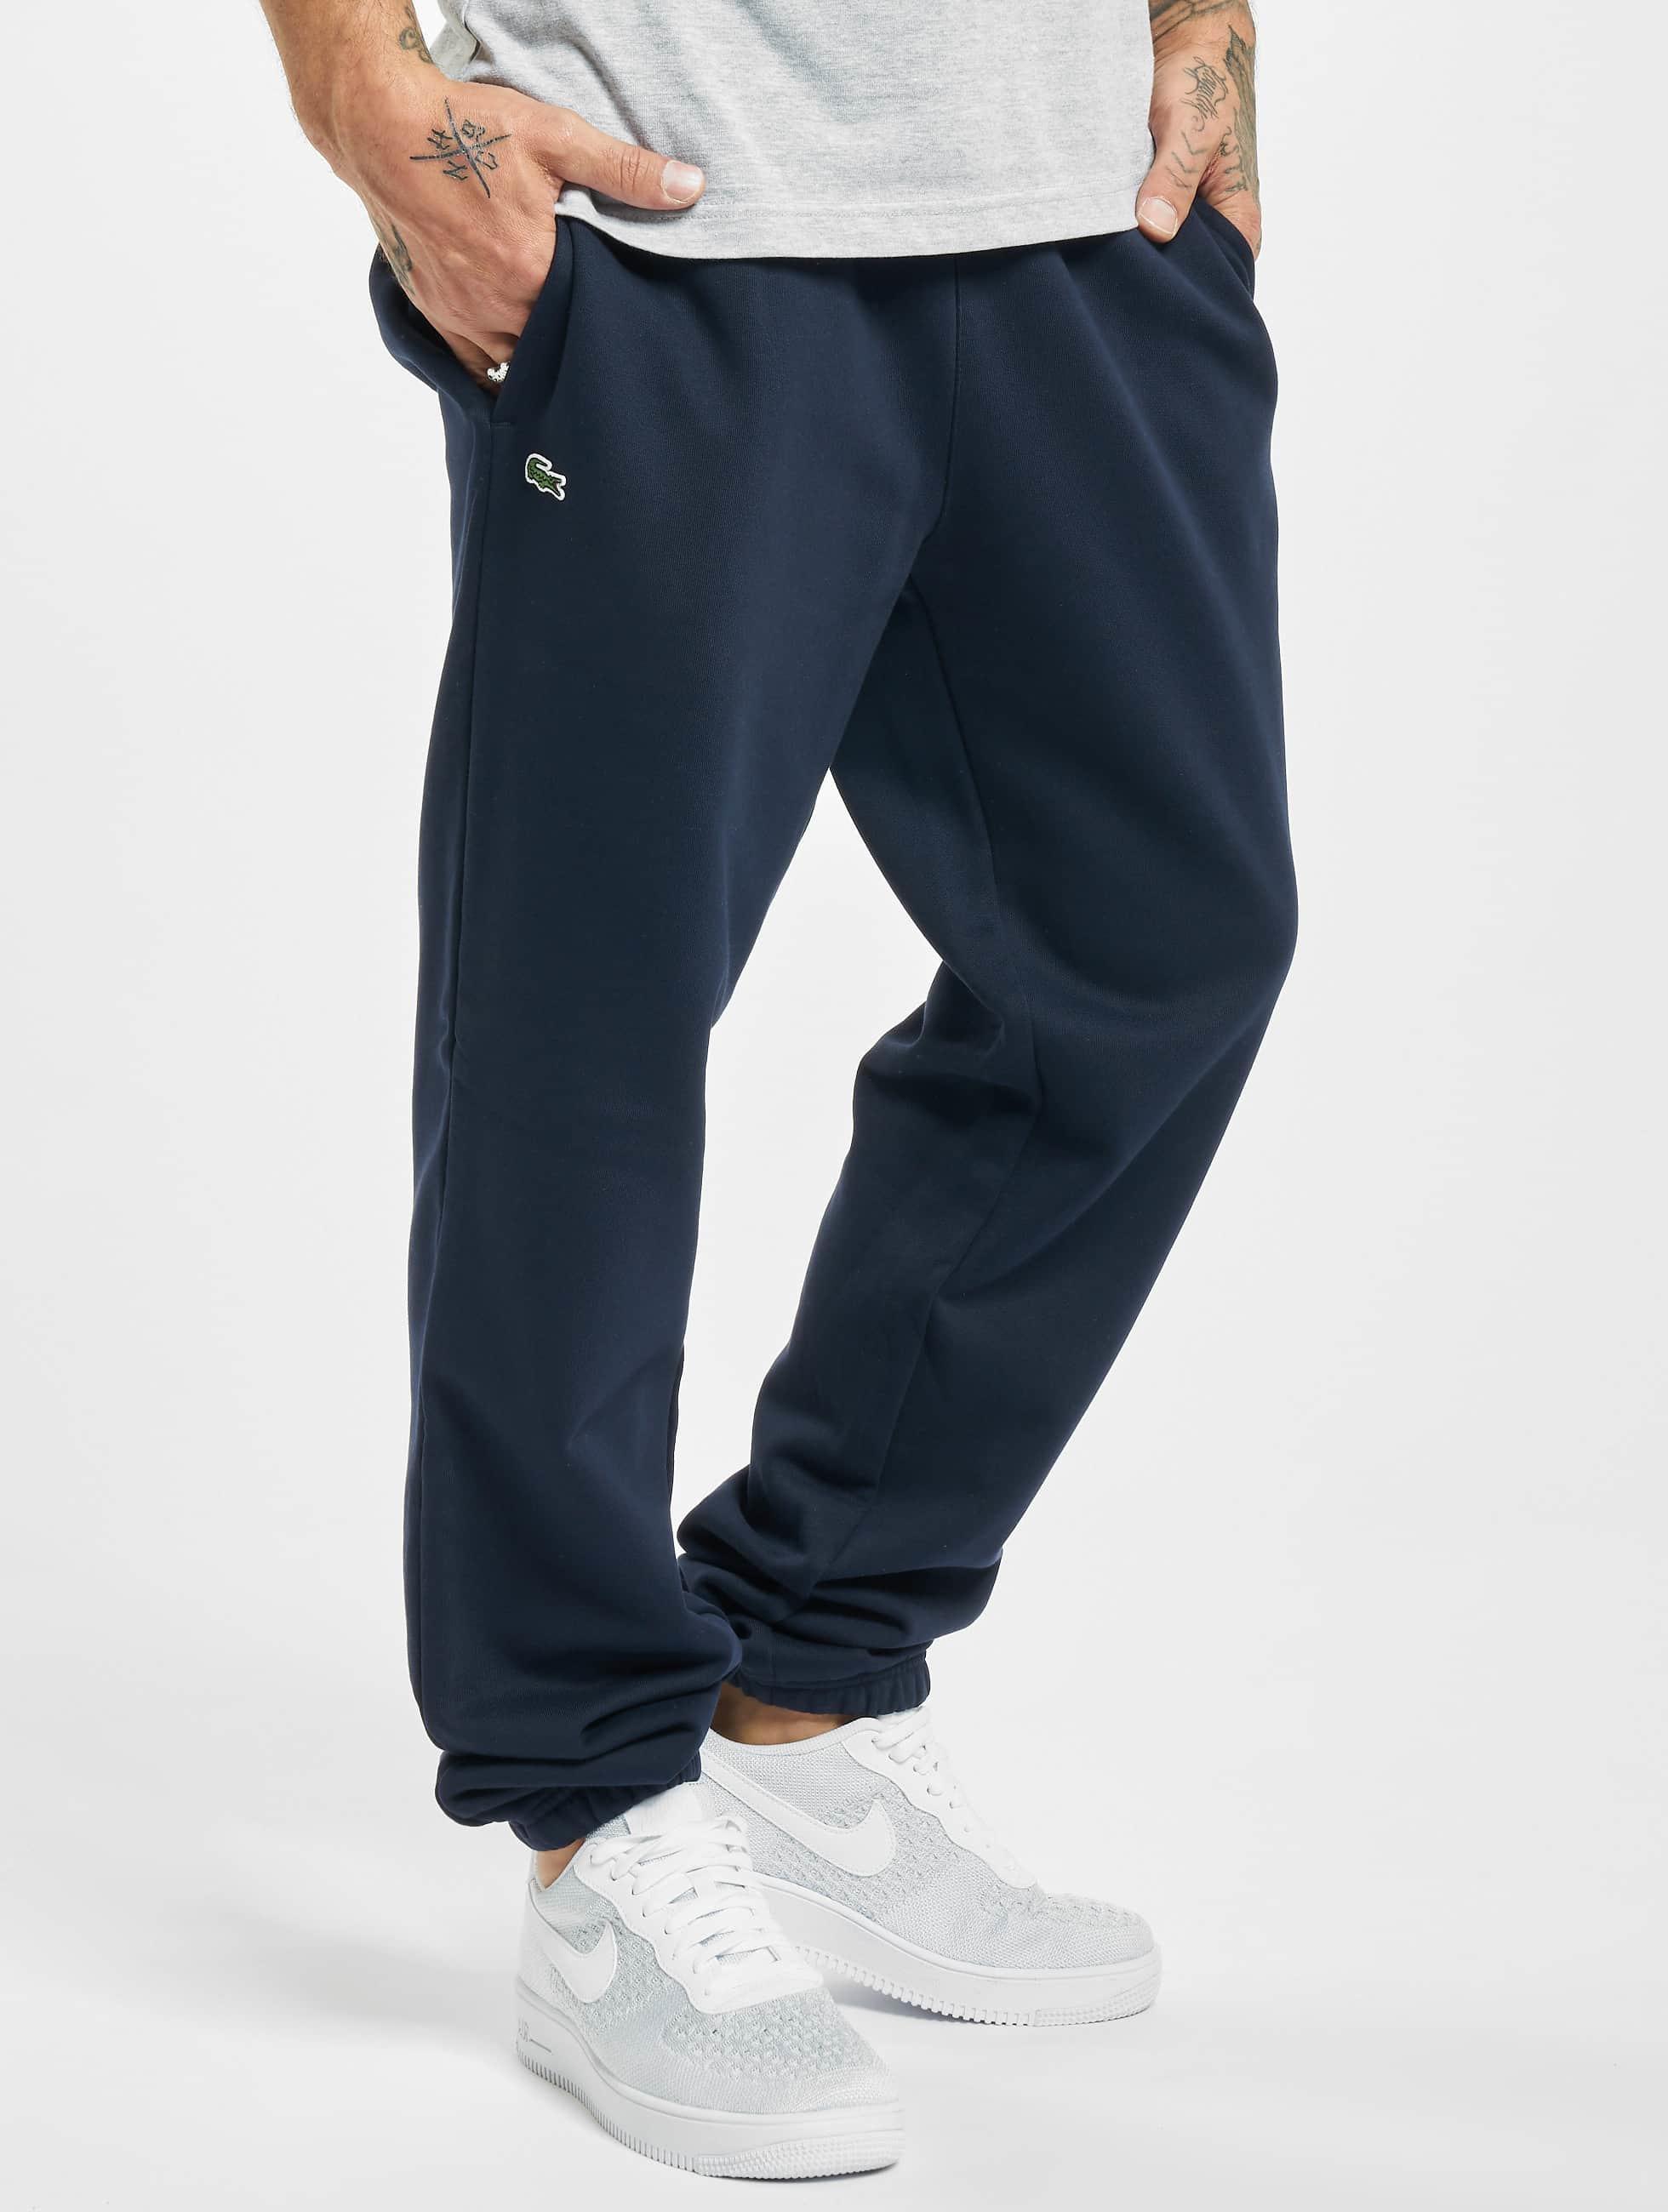 Lacoste Jogginghose Classic blau